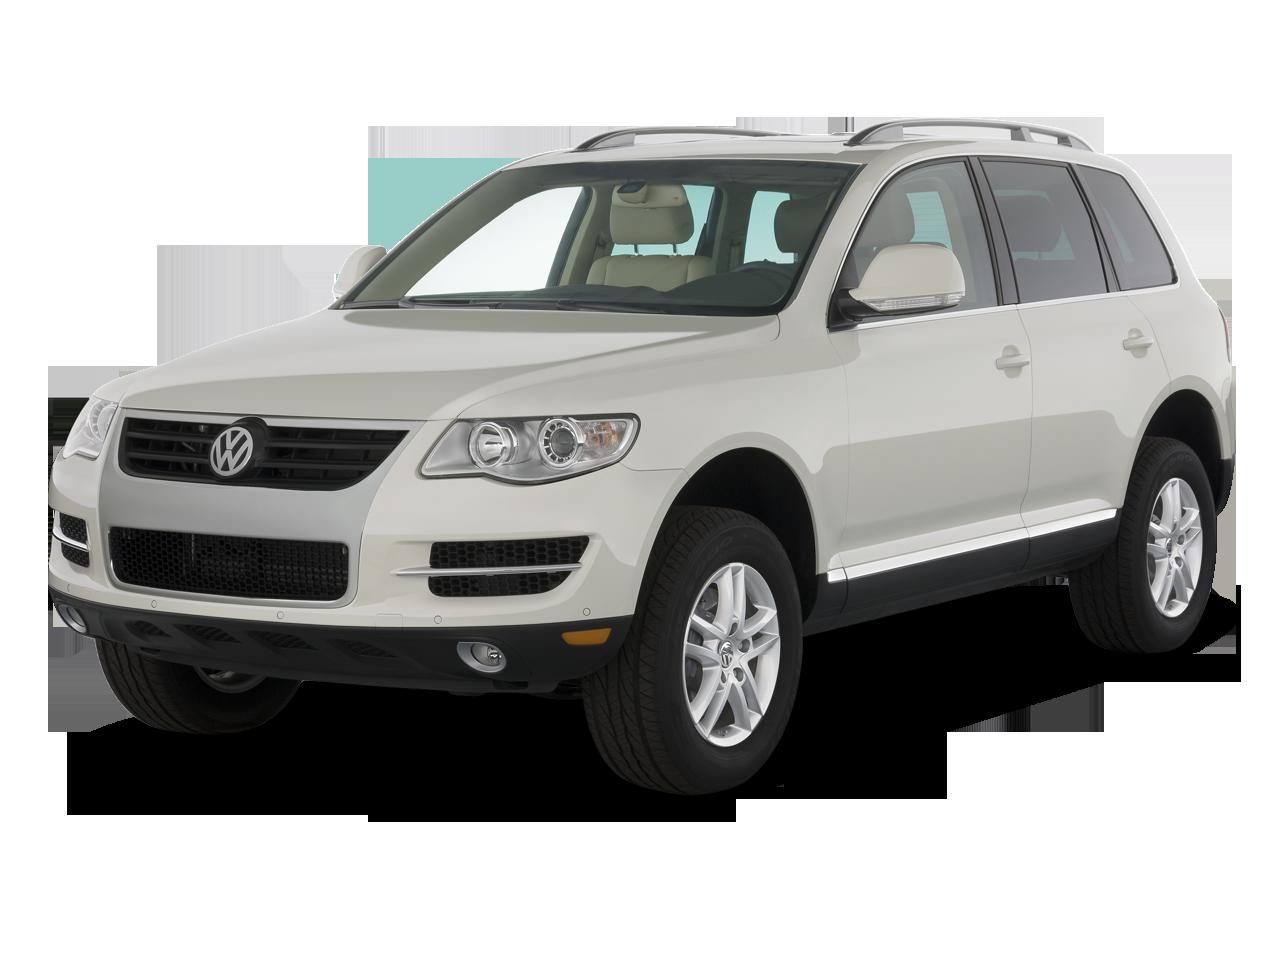 Лобовое стекло Volkswagen Touareg с молдингом  (2002-2010)